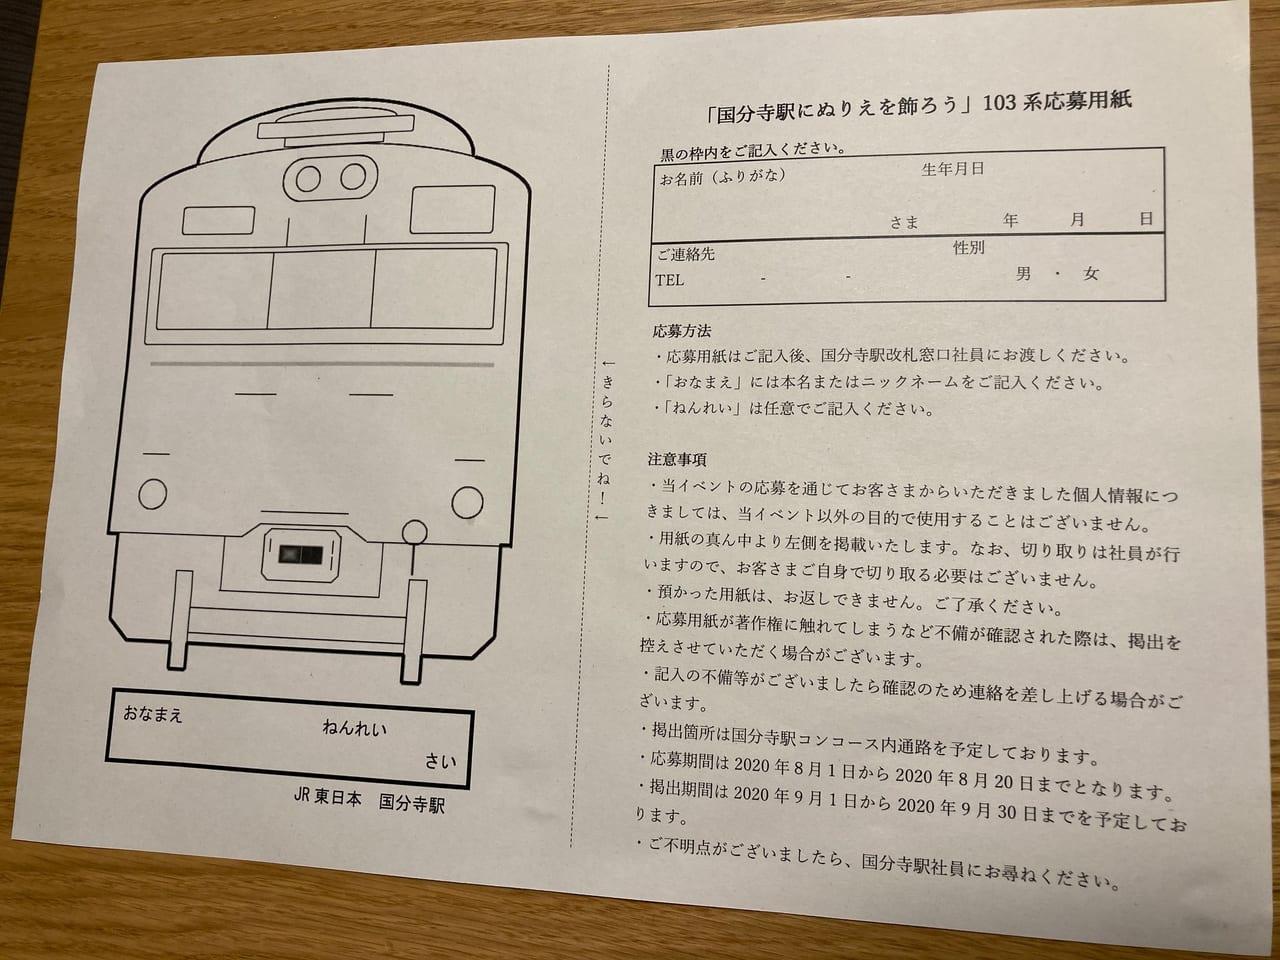 電車大好きなお子様必見!!『国分寺駅にぬりえを飾ろう」8月1日から応募開始です!!